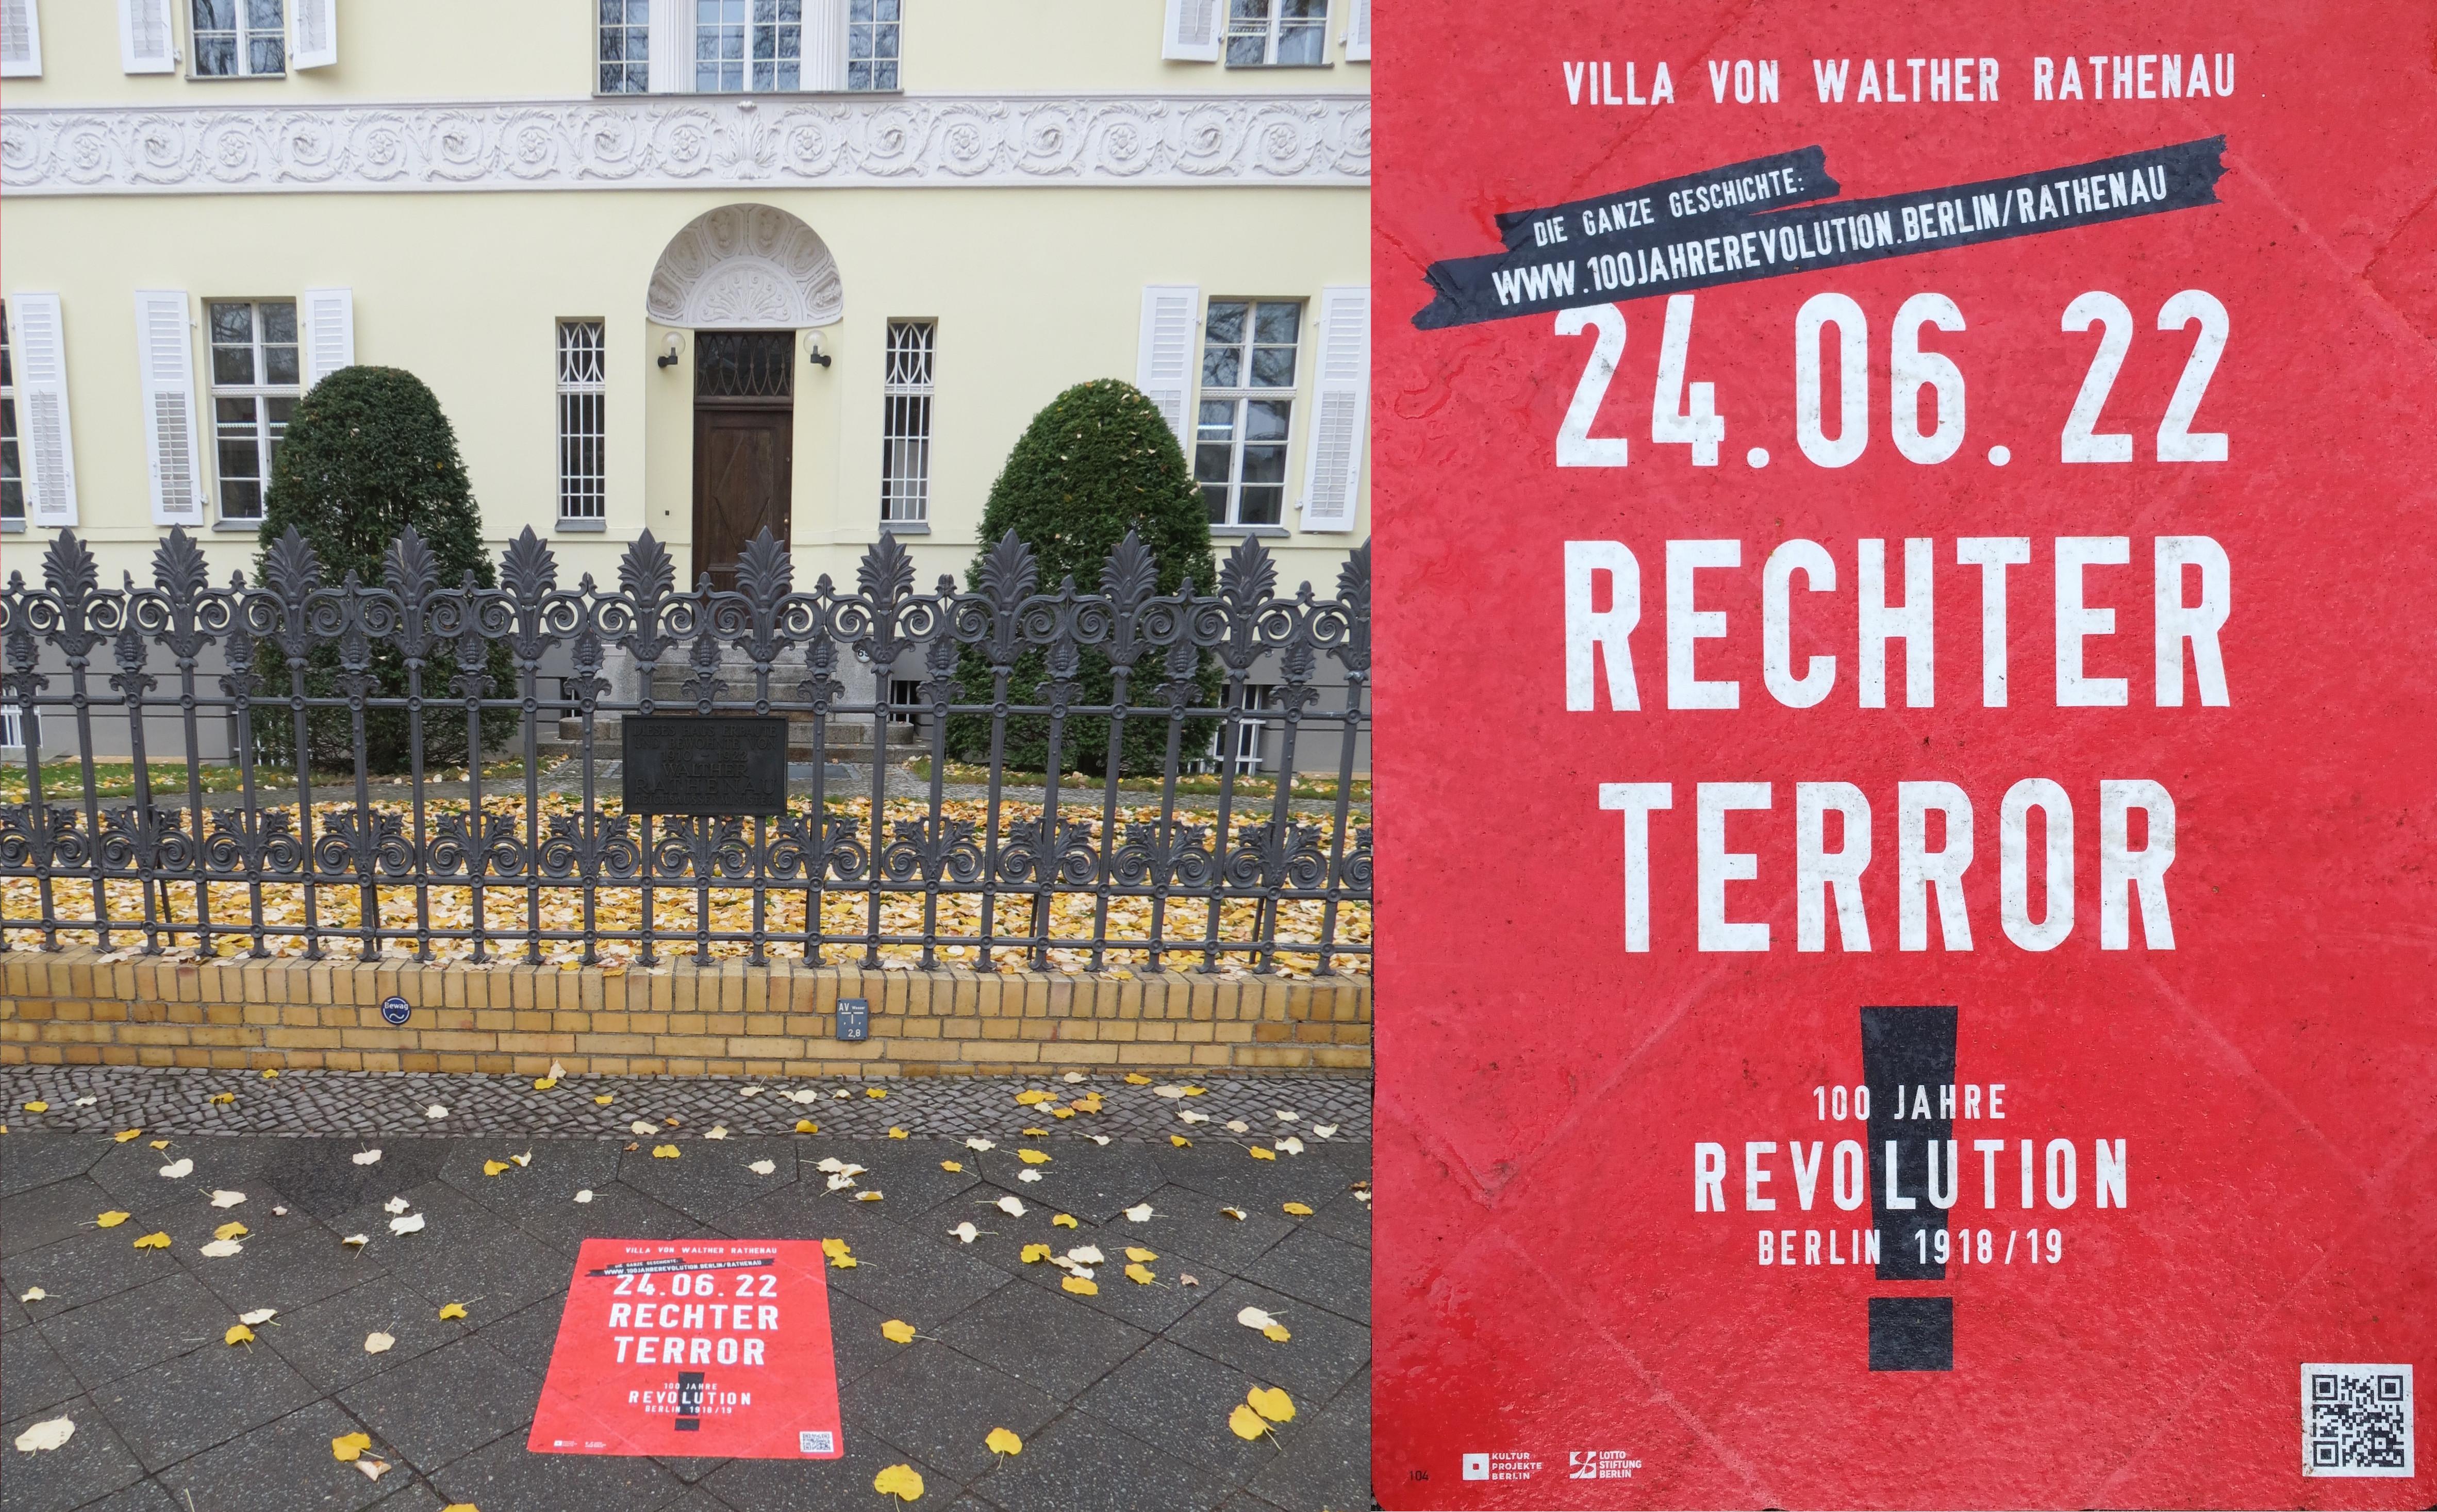 100 Jahre Revolution Berlin 1918/19 - Sitz des Patzer Verlags ist Teil der Veranstaltungsreihe zur Entstehung der Weimarer Republik